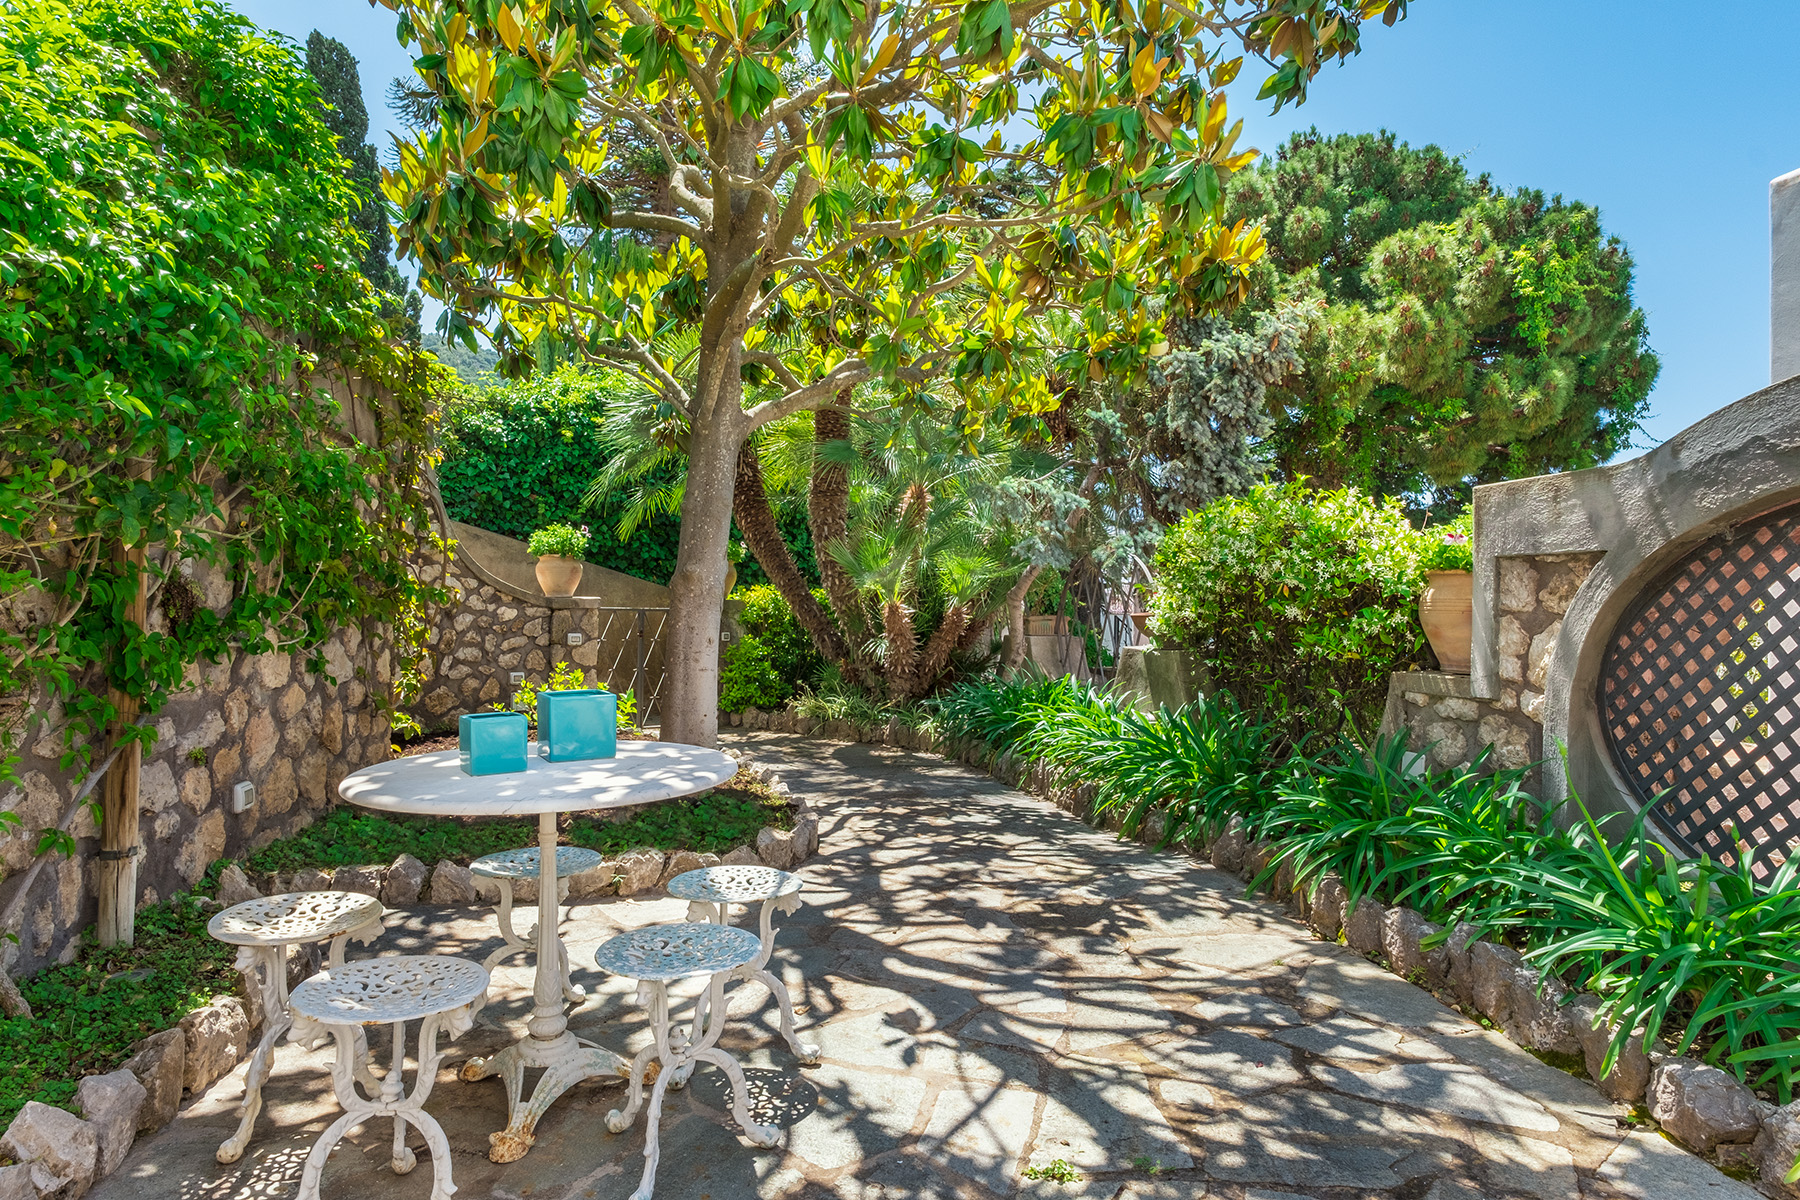 Appartamento in Vendita a Capri: 4 locali, 100 mq - Foto 2